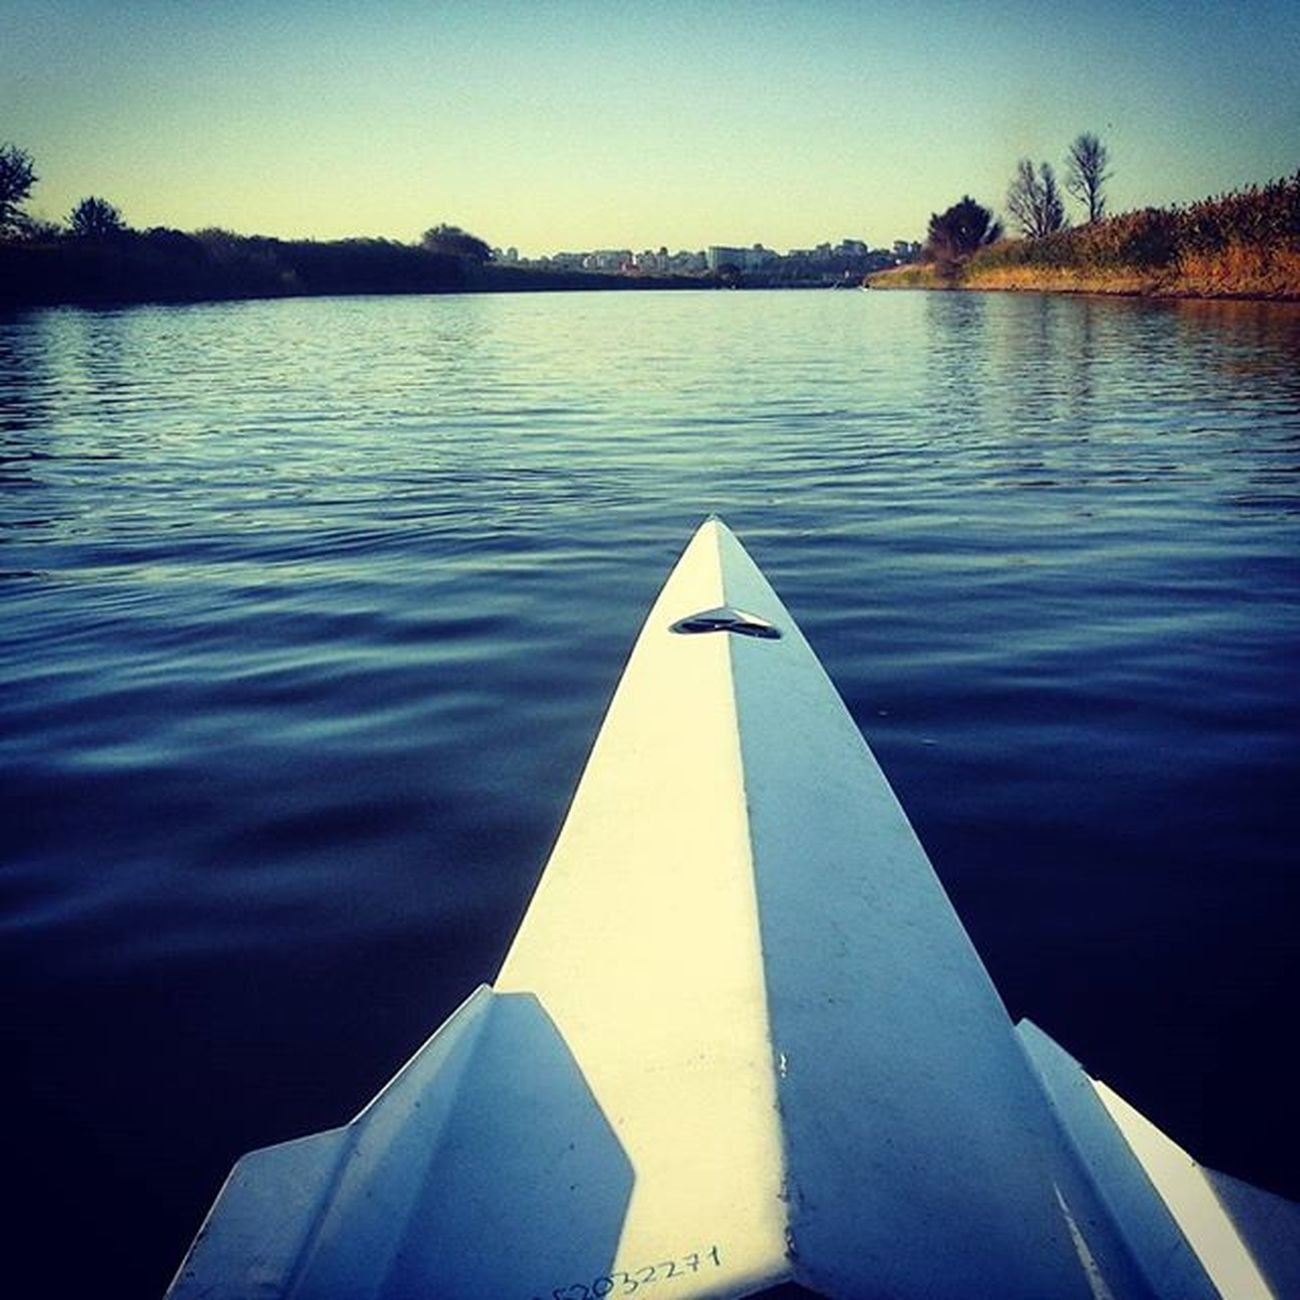 ростов каналДон Rowing надеждыроссии